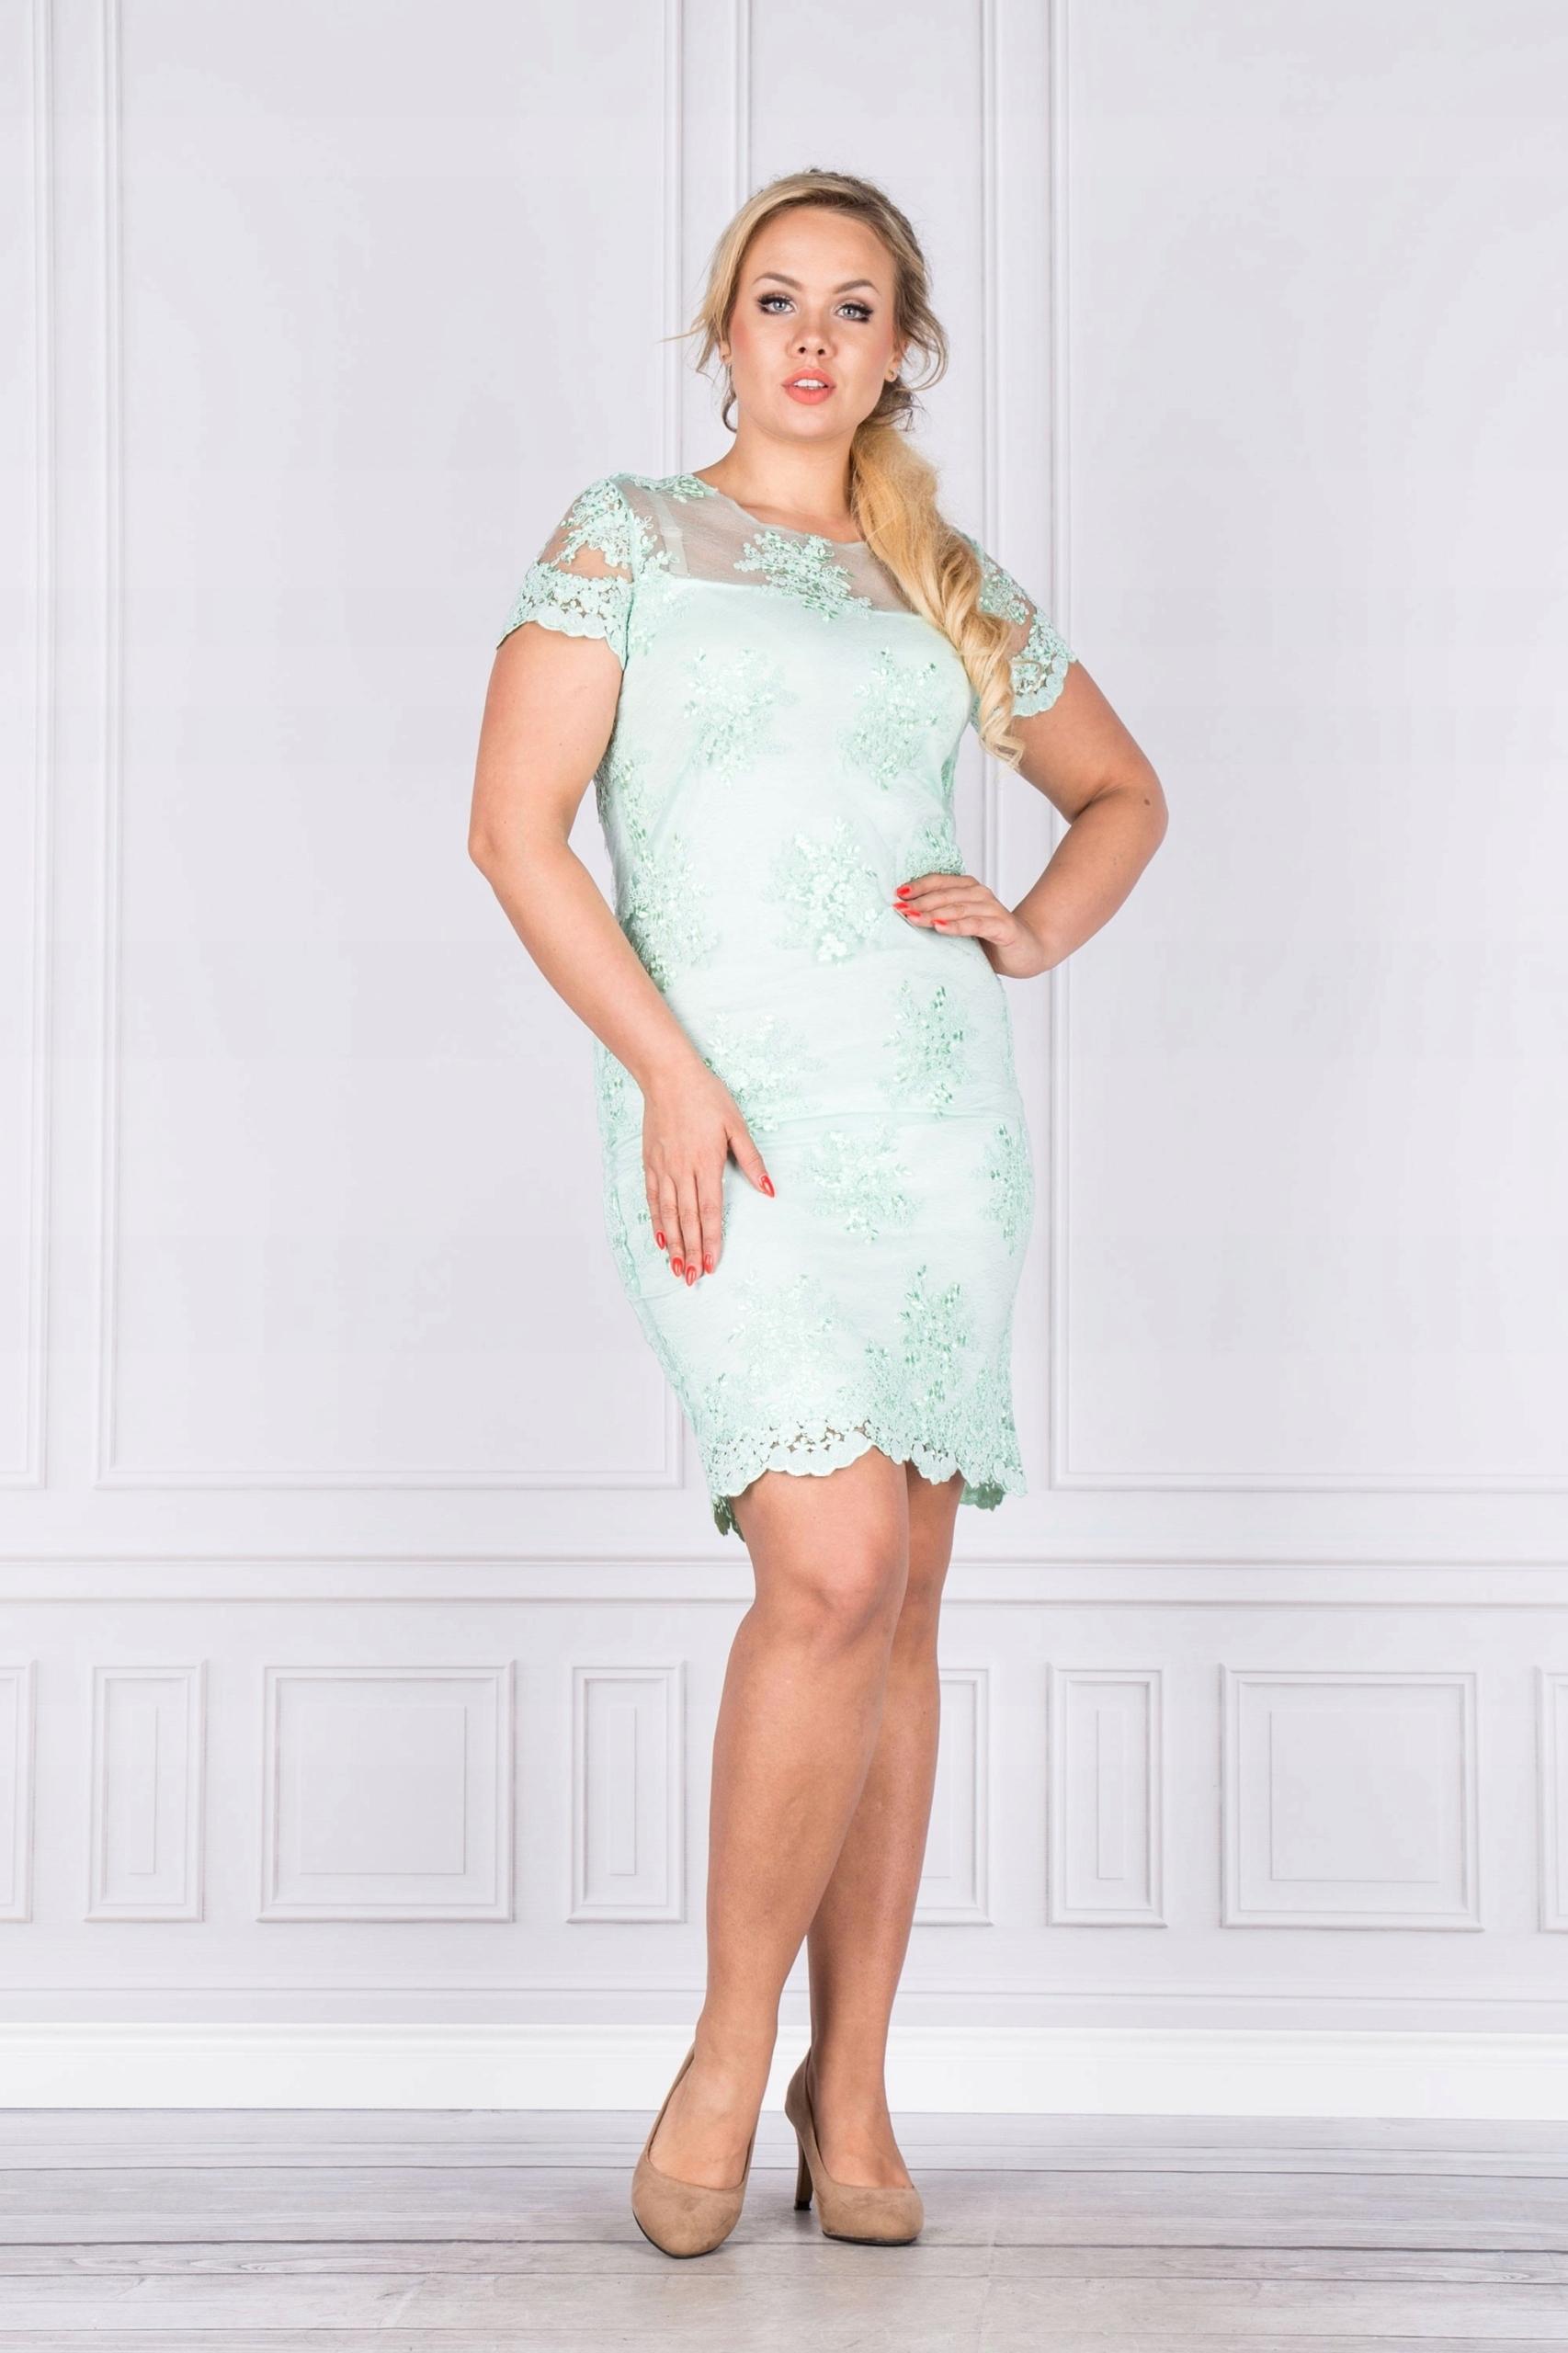 60b6d0f6a2 Sukienka koktajlowa koronkowa Zielony 42 - 7439552127 - oficjalne ...